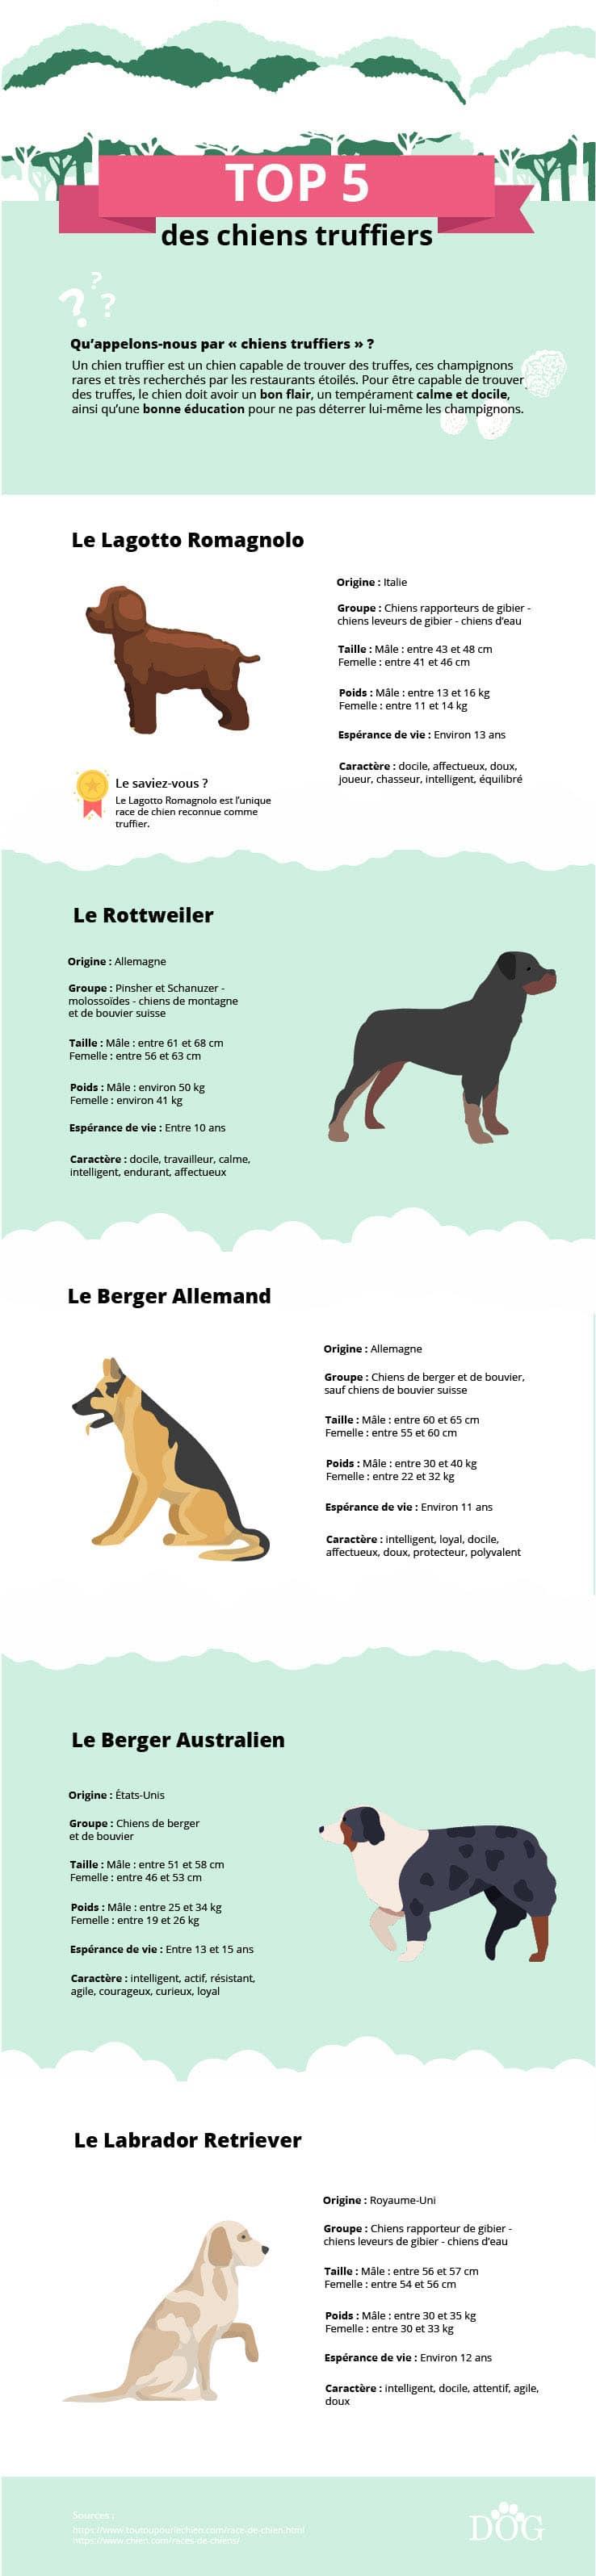 infographie sur le top 5 des chiens truffiers